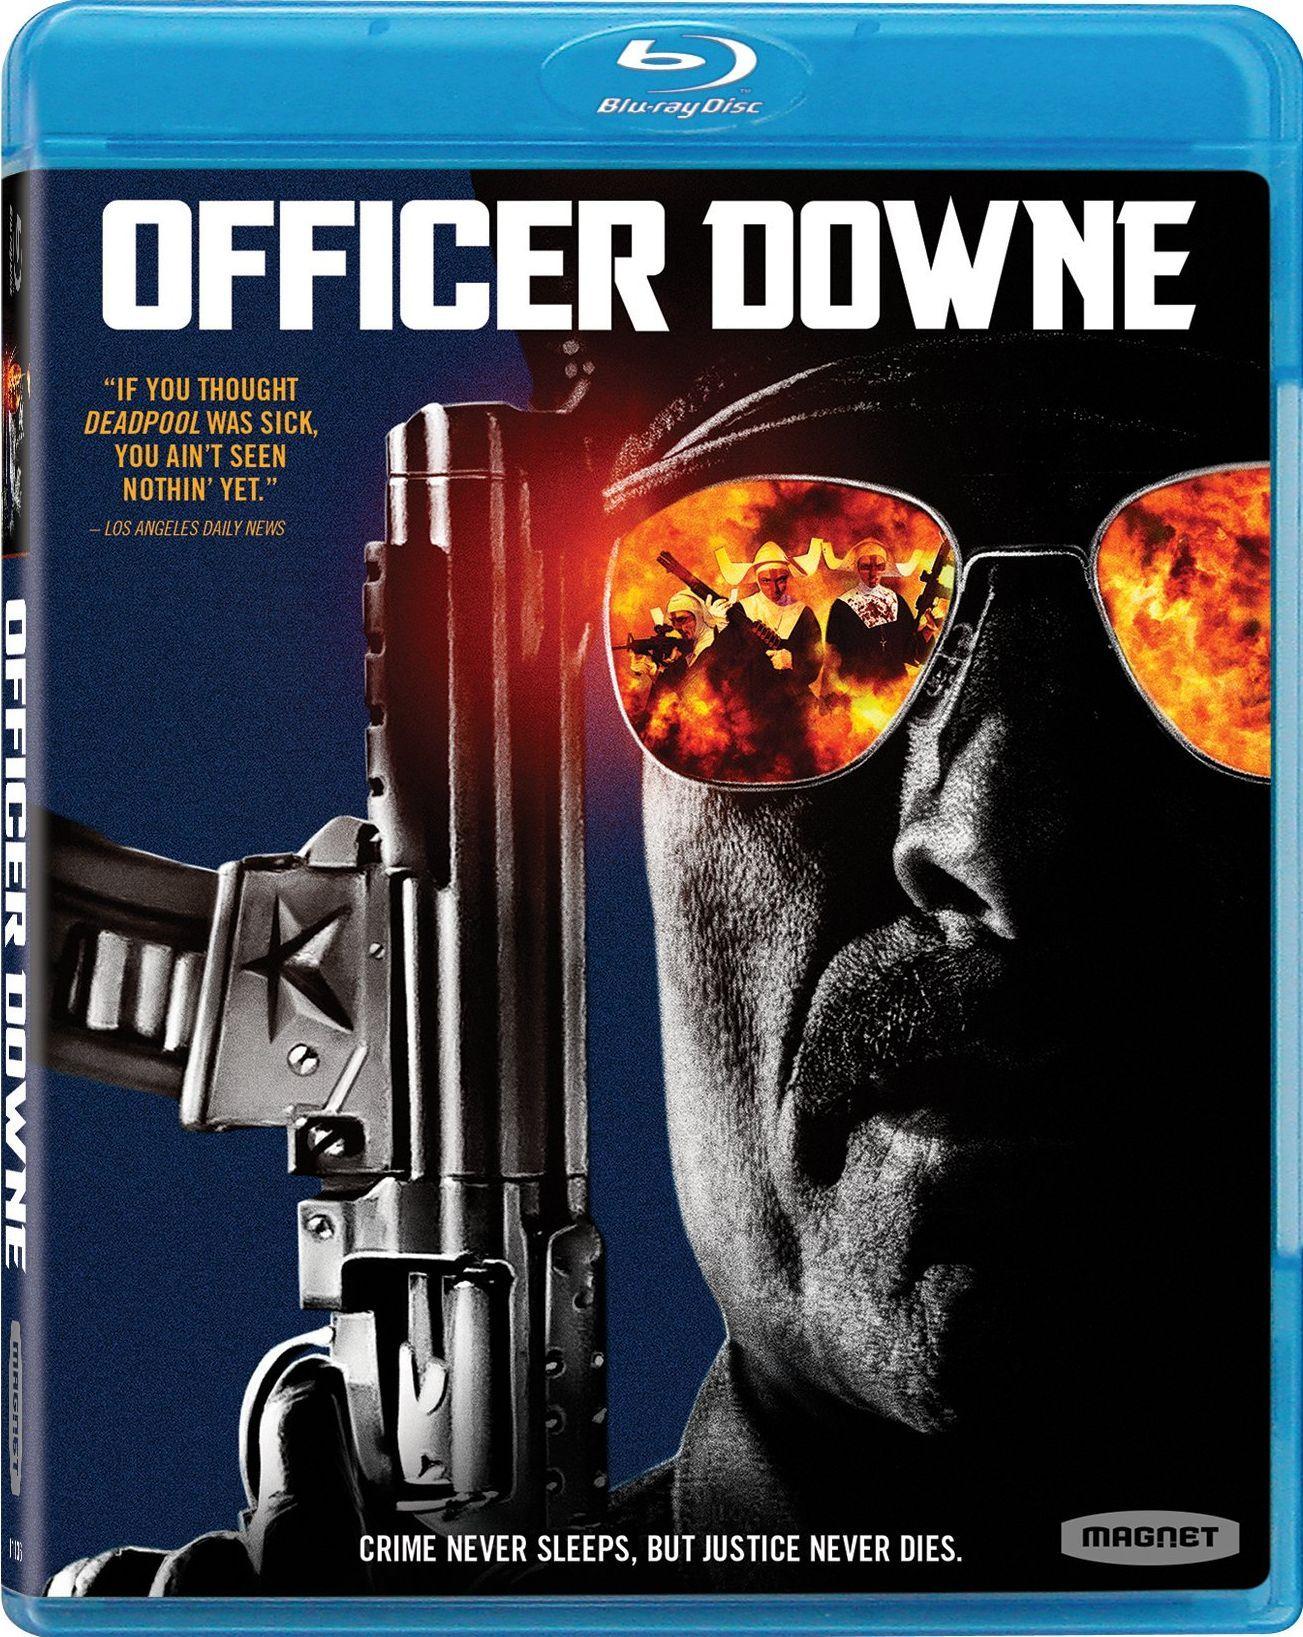 Watch Officer Downe 2016 Online Free [DVD] Movie | Putlocker - Watch full [H.D] Movies Online Free